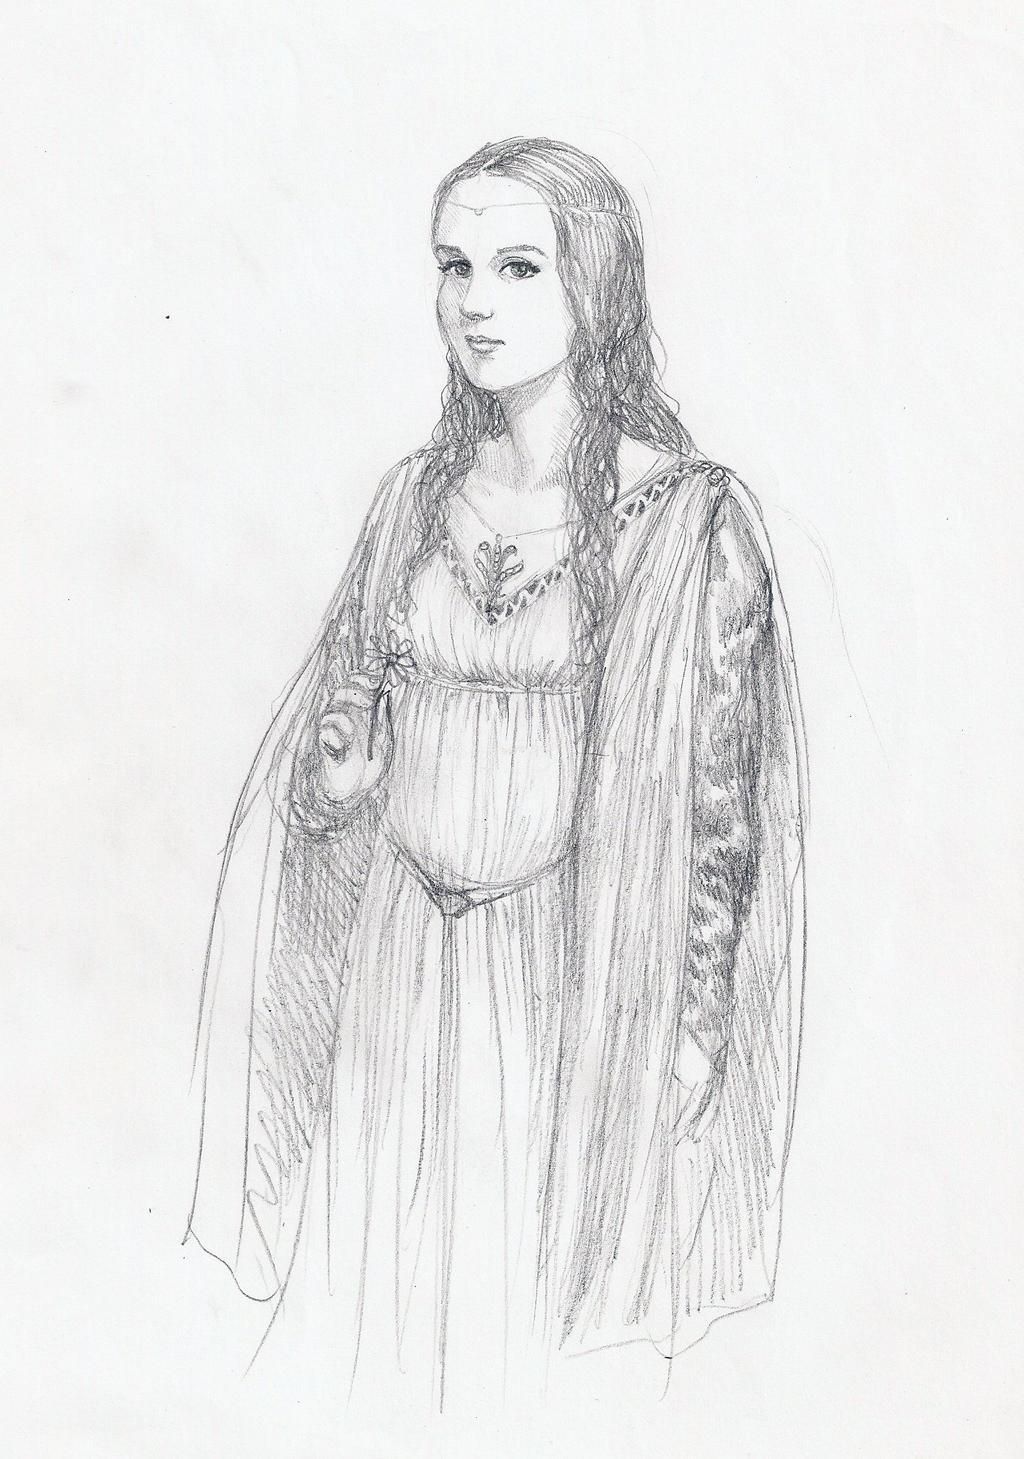 Lothiriel by TolmanCotton